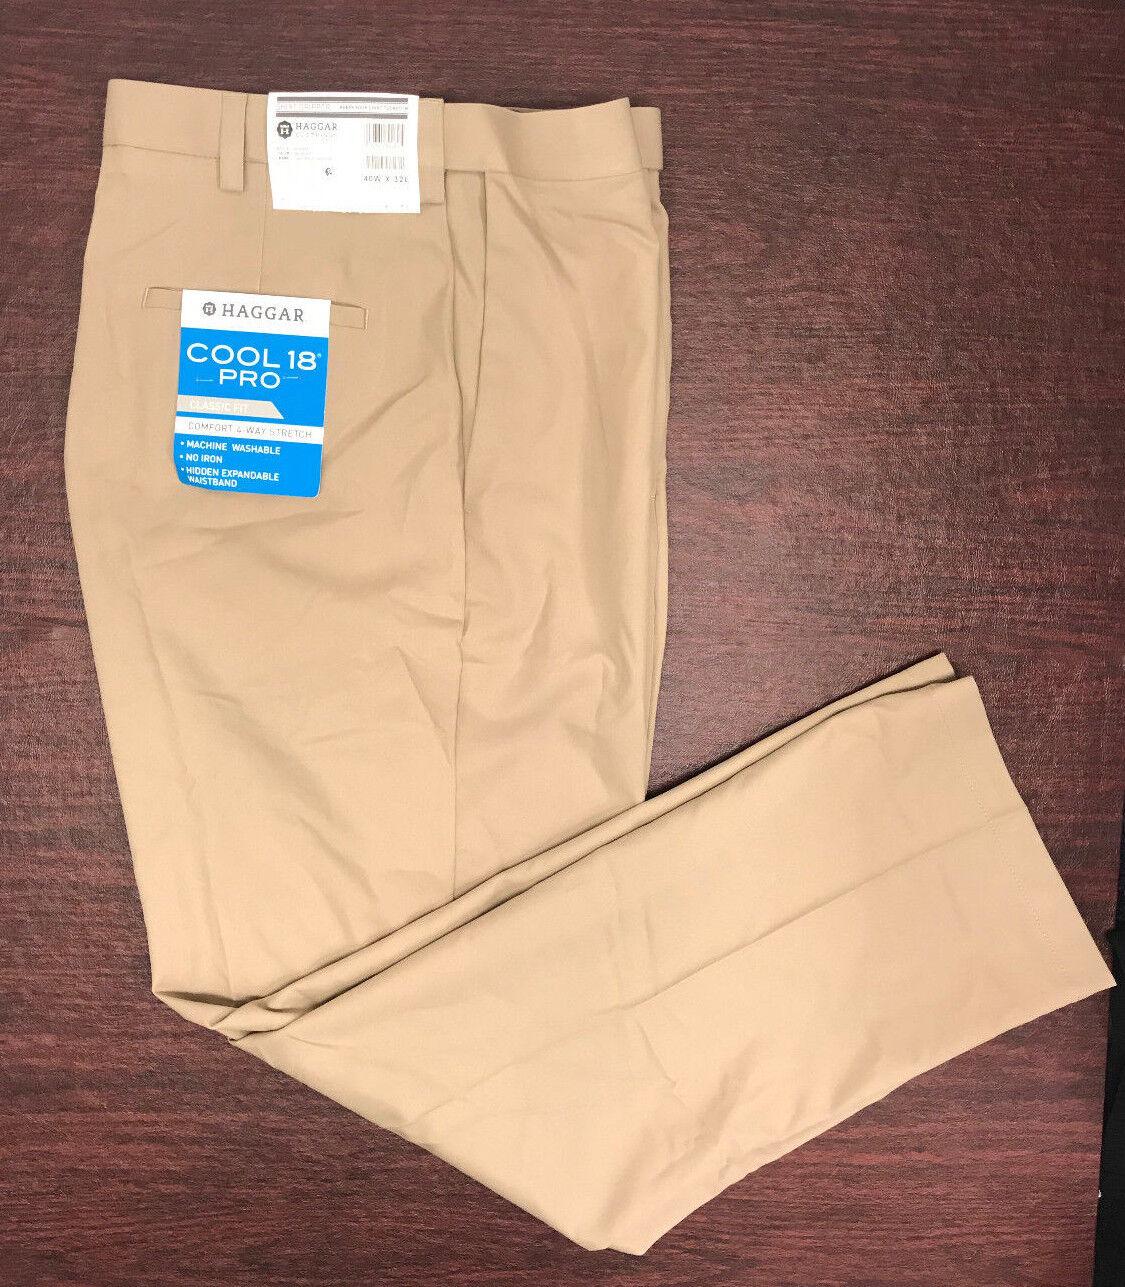 19204766dc3 NWT Men s Haggar Cool 18 Pro Classic Fit Flat Front Pants Khaki 40 x 32